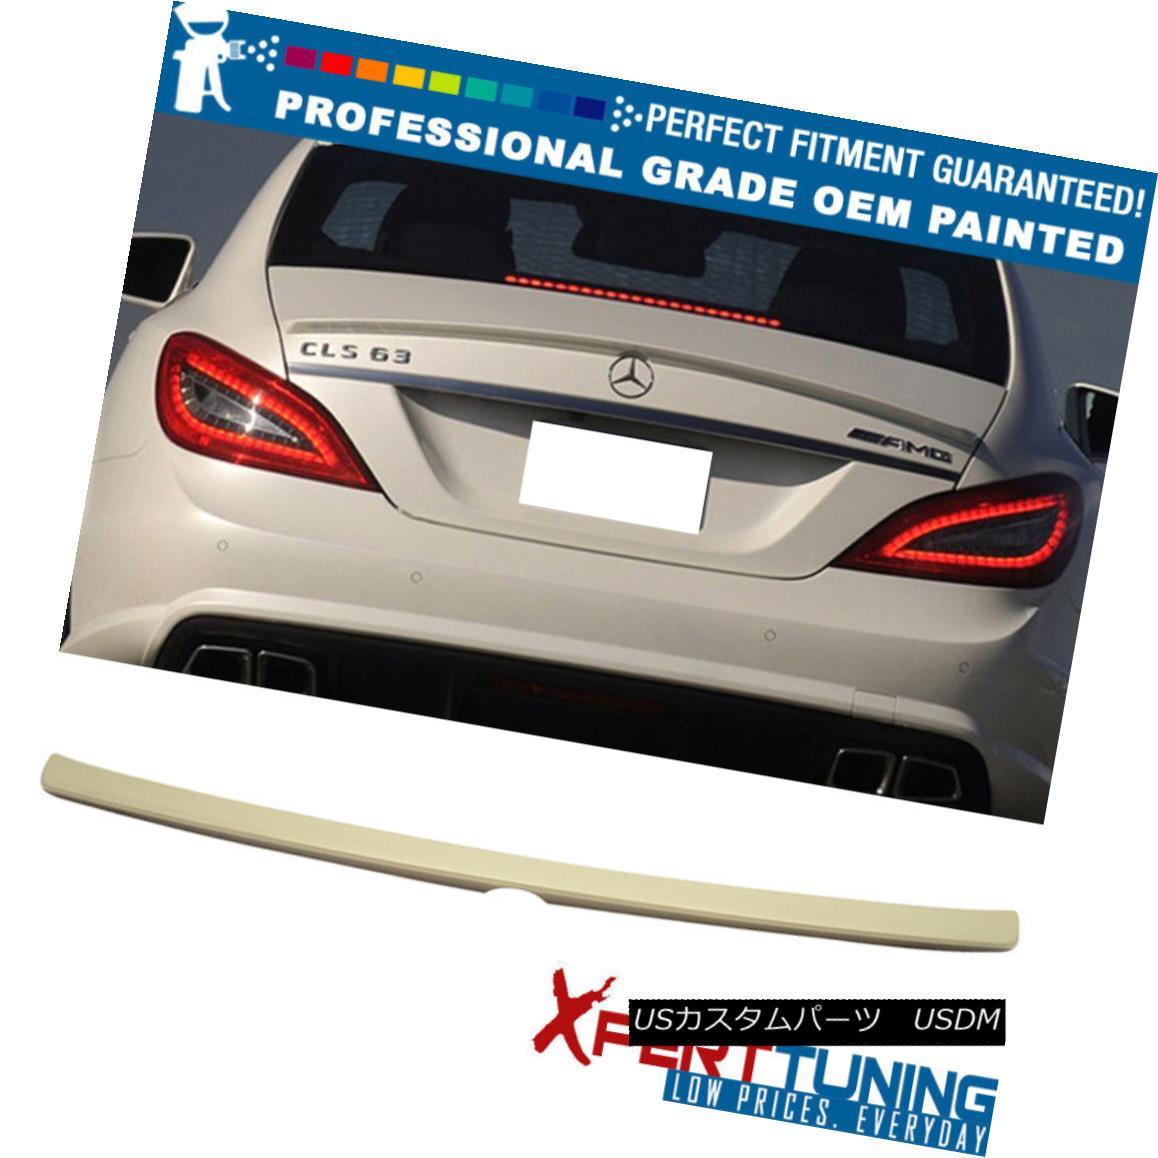 エアロパーツ 11-17 Benz CLS-Class W218 4Dr AMG Painted Trunk Spoiler - OEM Painted Color 11-17ベンツCLSクラスW218 4Dr AMG塗装トランク・スポイラー - OEM塗装カラー